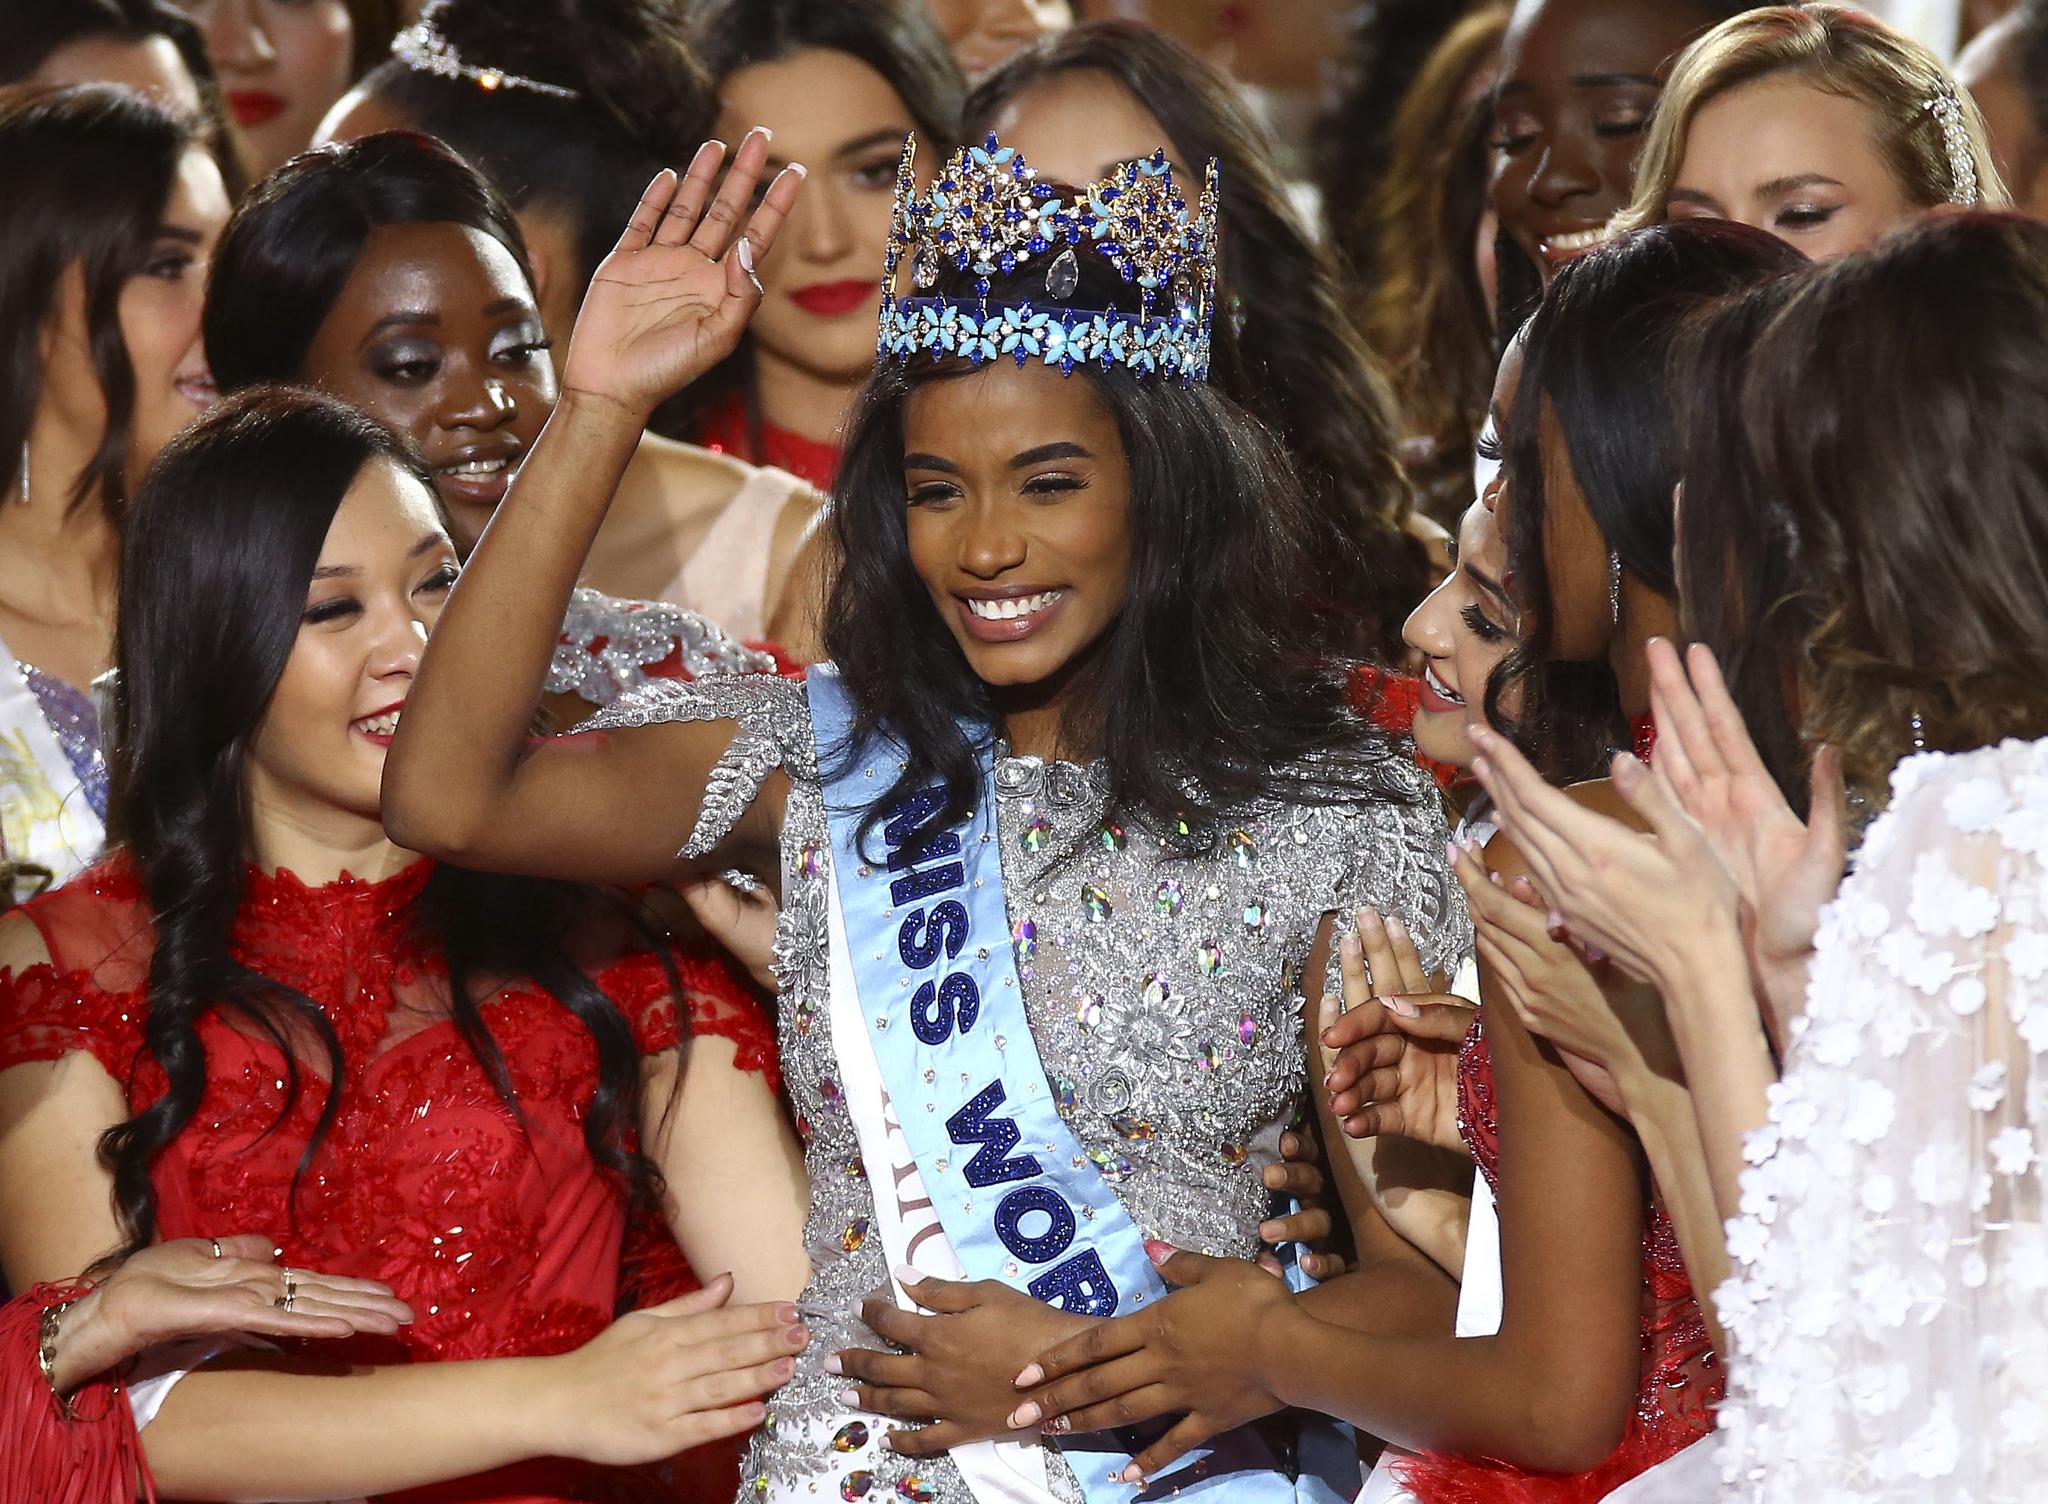 미스 자메이카 토니 안 싱이 14일(현지시간) 영국 런던의 엑셀 센터에서 열린 제69회 미스 월드 선발대회에서 2019 미스 월드로 선정된 뒤푸른색 왕관을 쓰고 다른 참가자들의 축하를 받으며 인사하고 있다. [AP=연합뉴스]